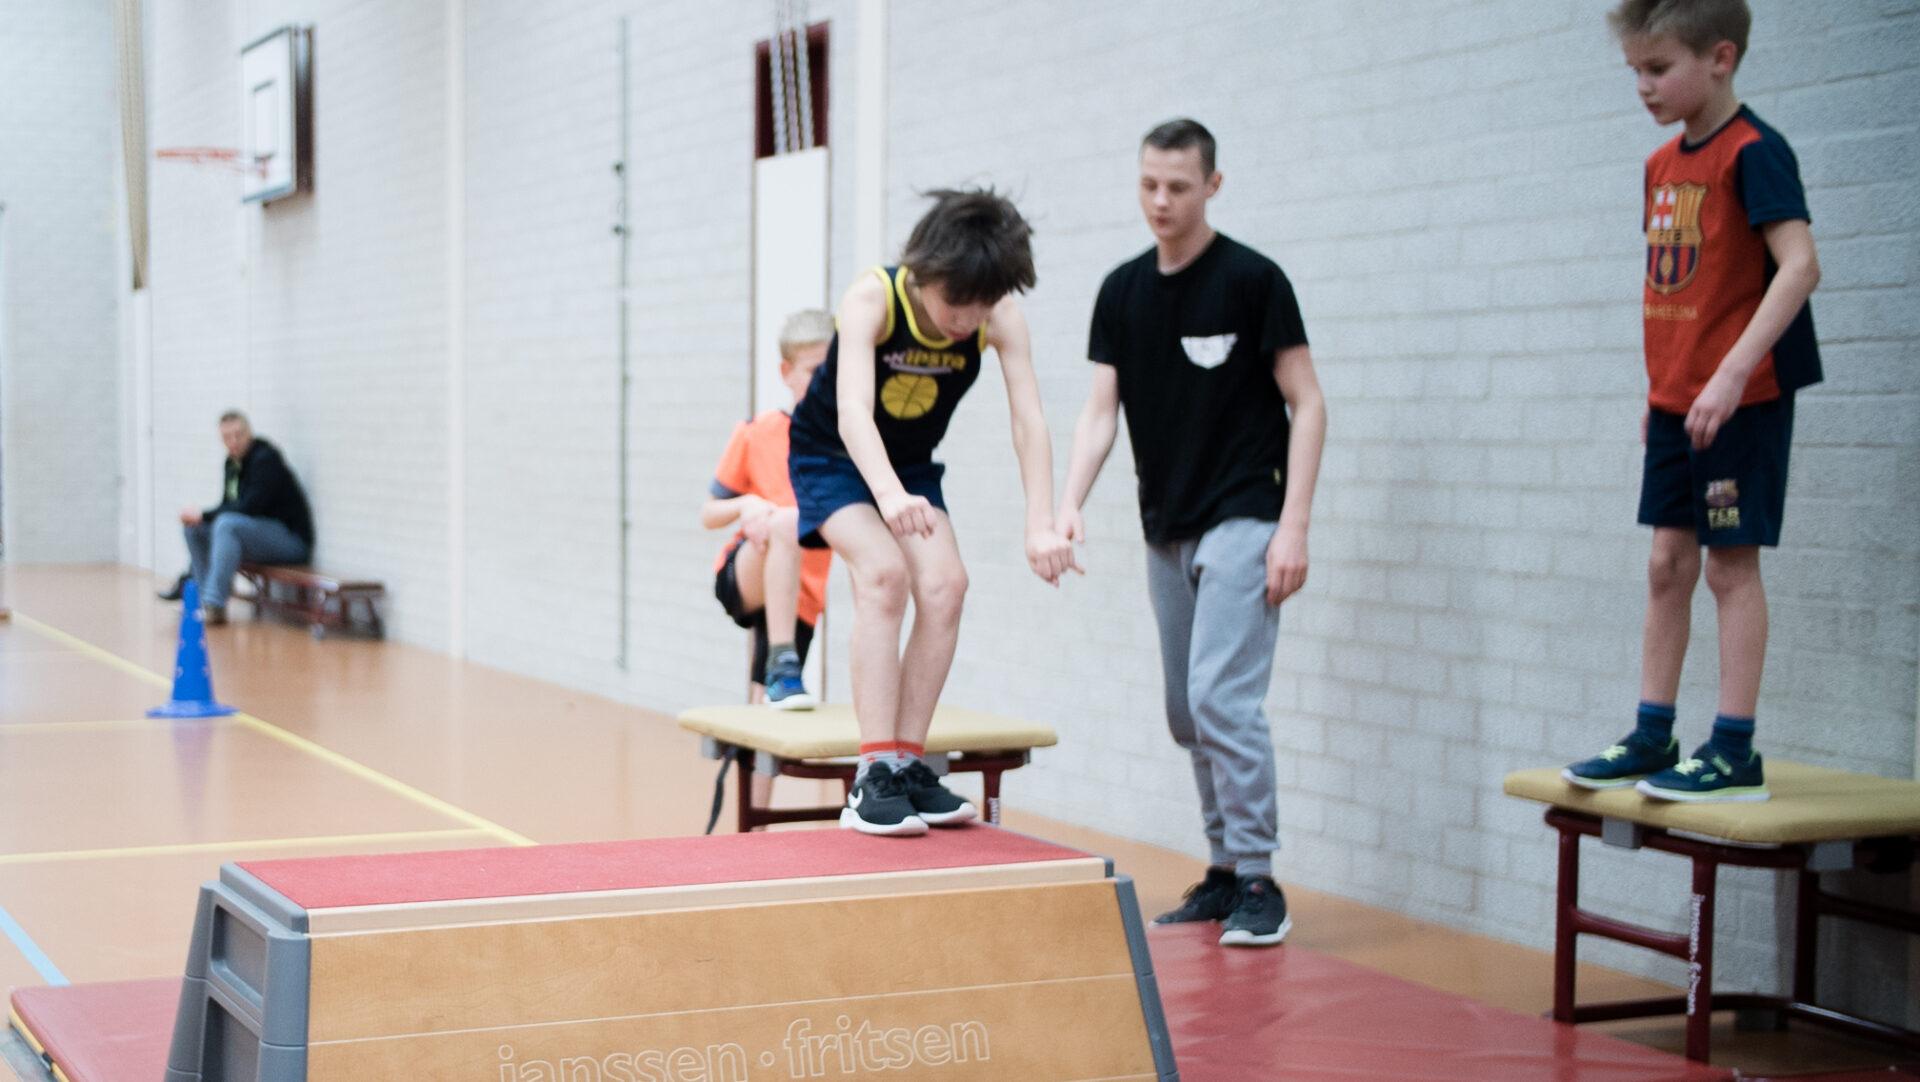 Leerling doet een sprong bij Freerun lessen in Tilburg